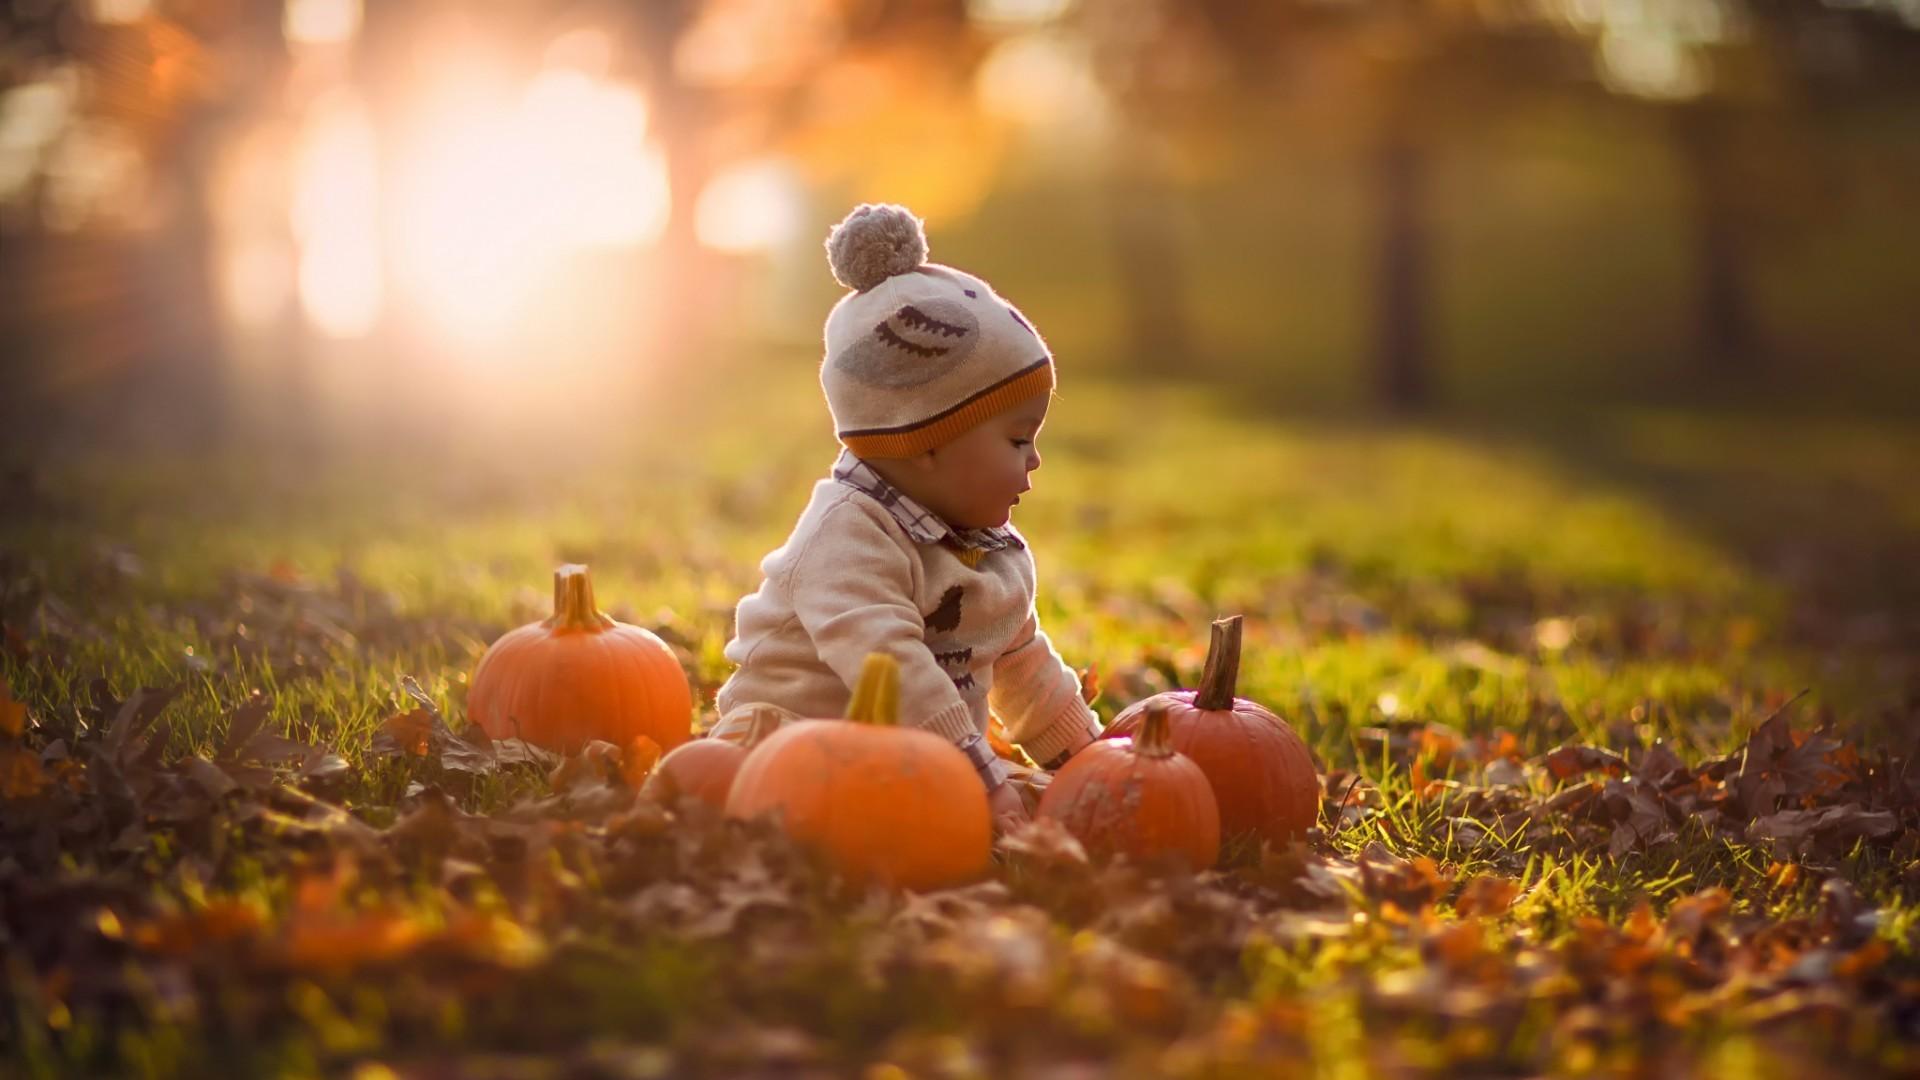 изделия картинки на рабочий стол осень с детьми отличается приятными цветами